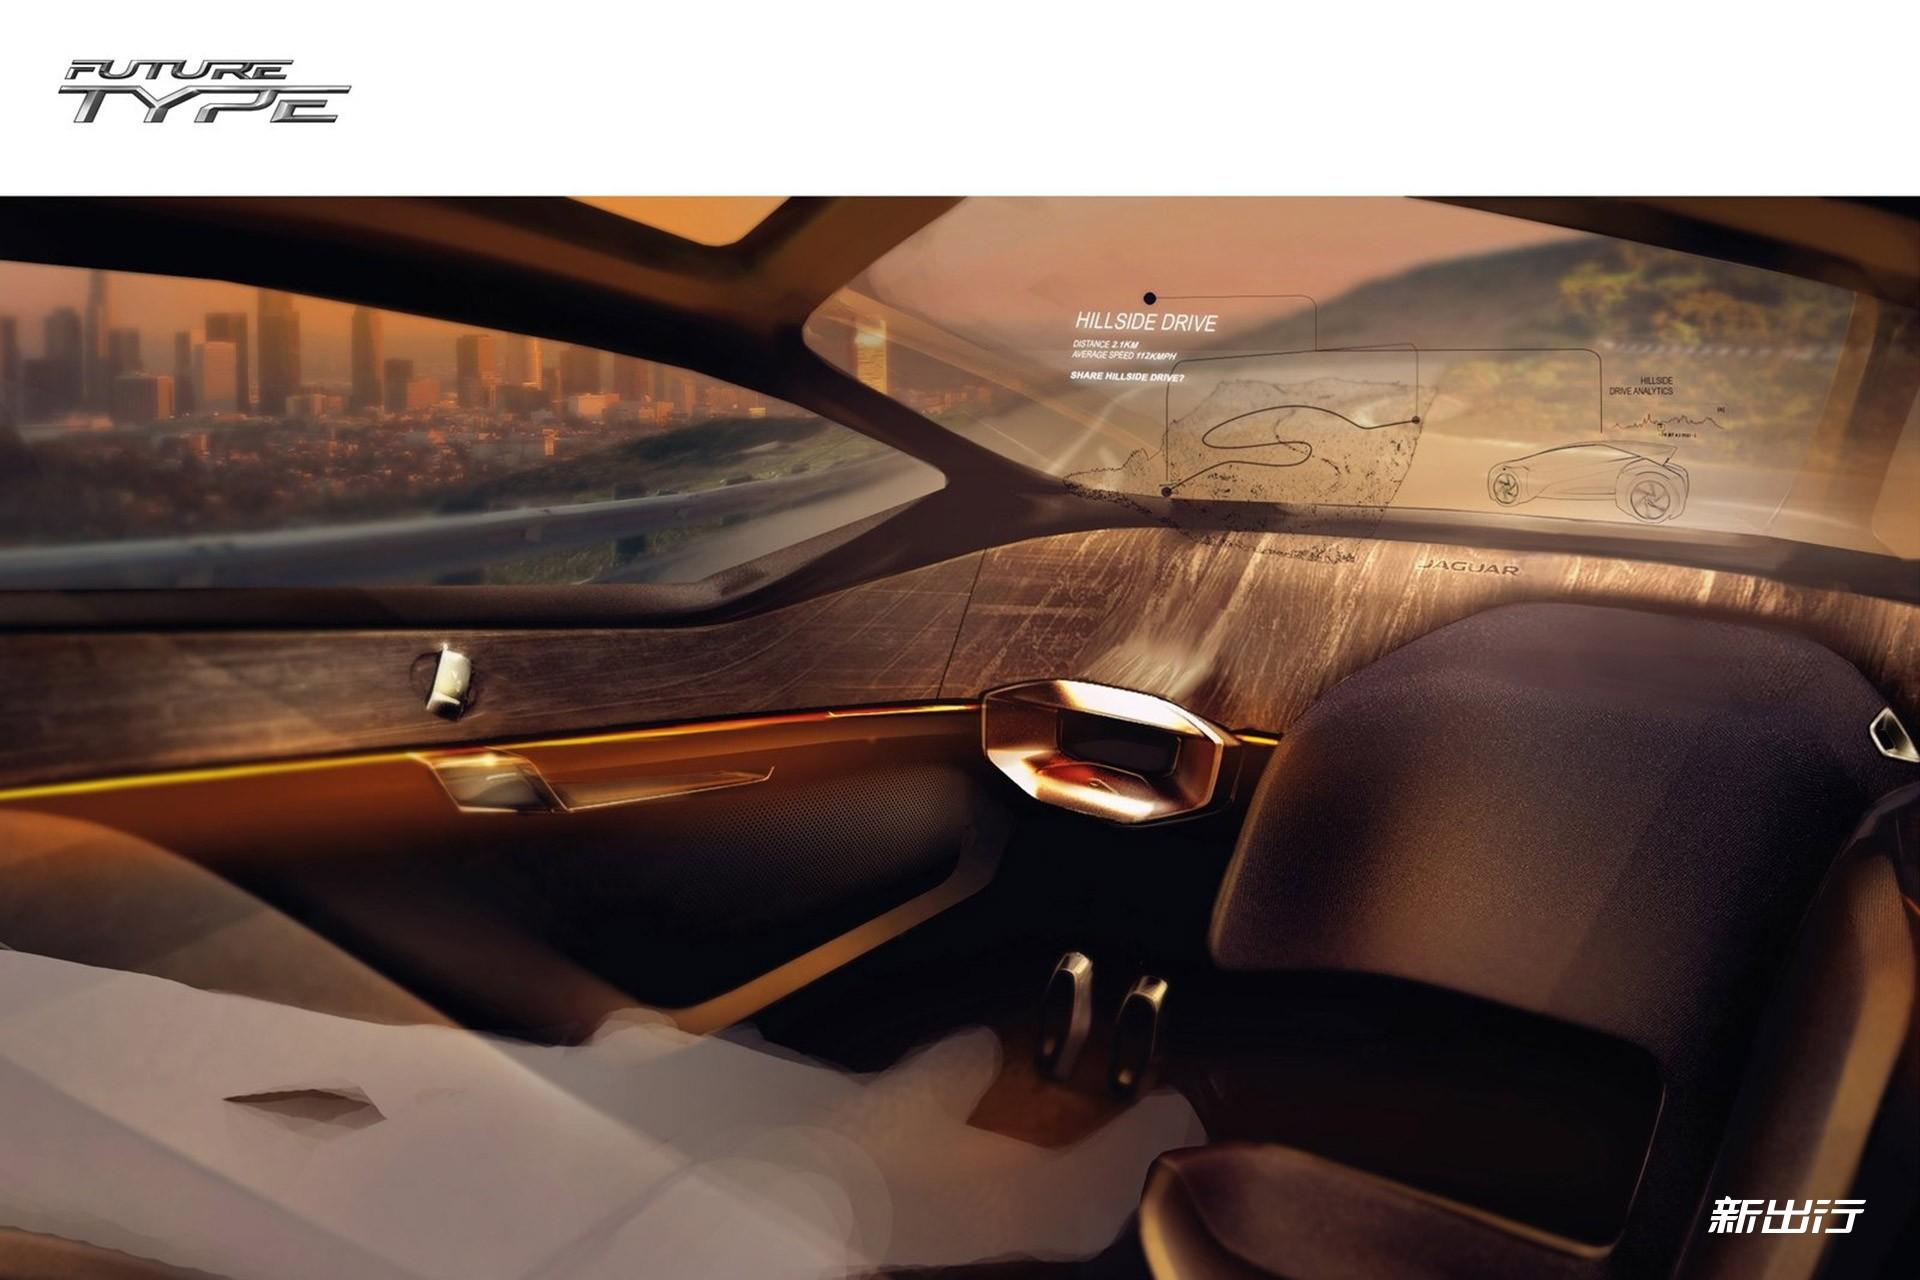 7-捷豹Future-Type概念车.jpg